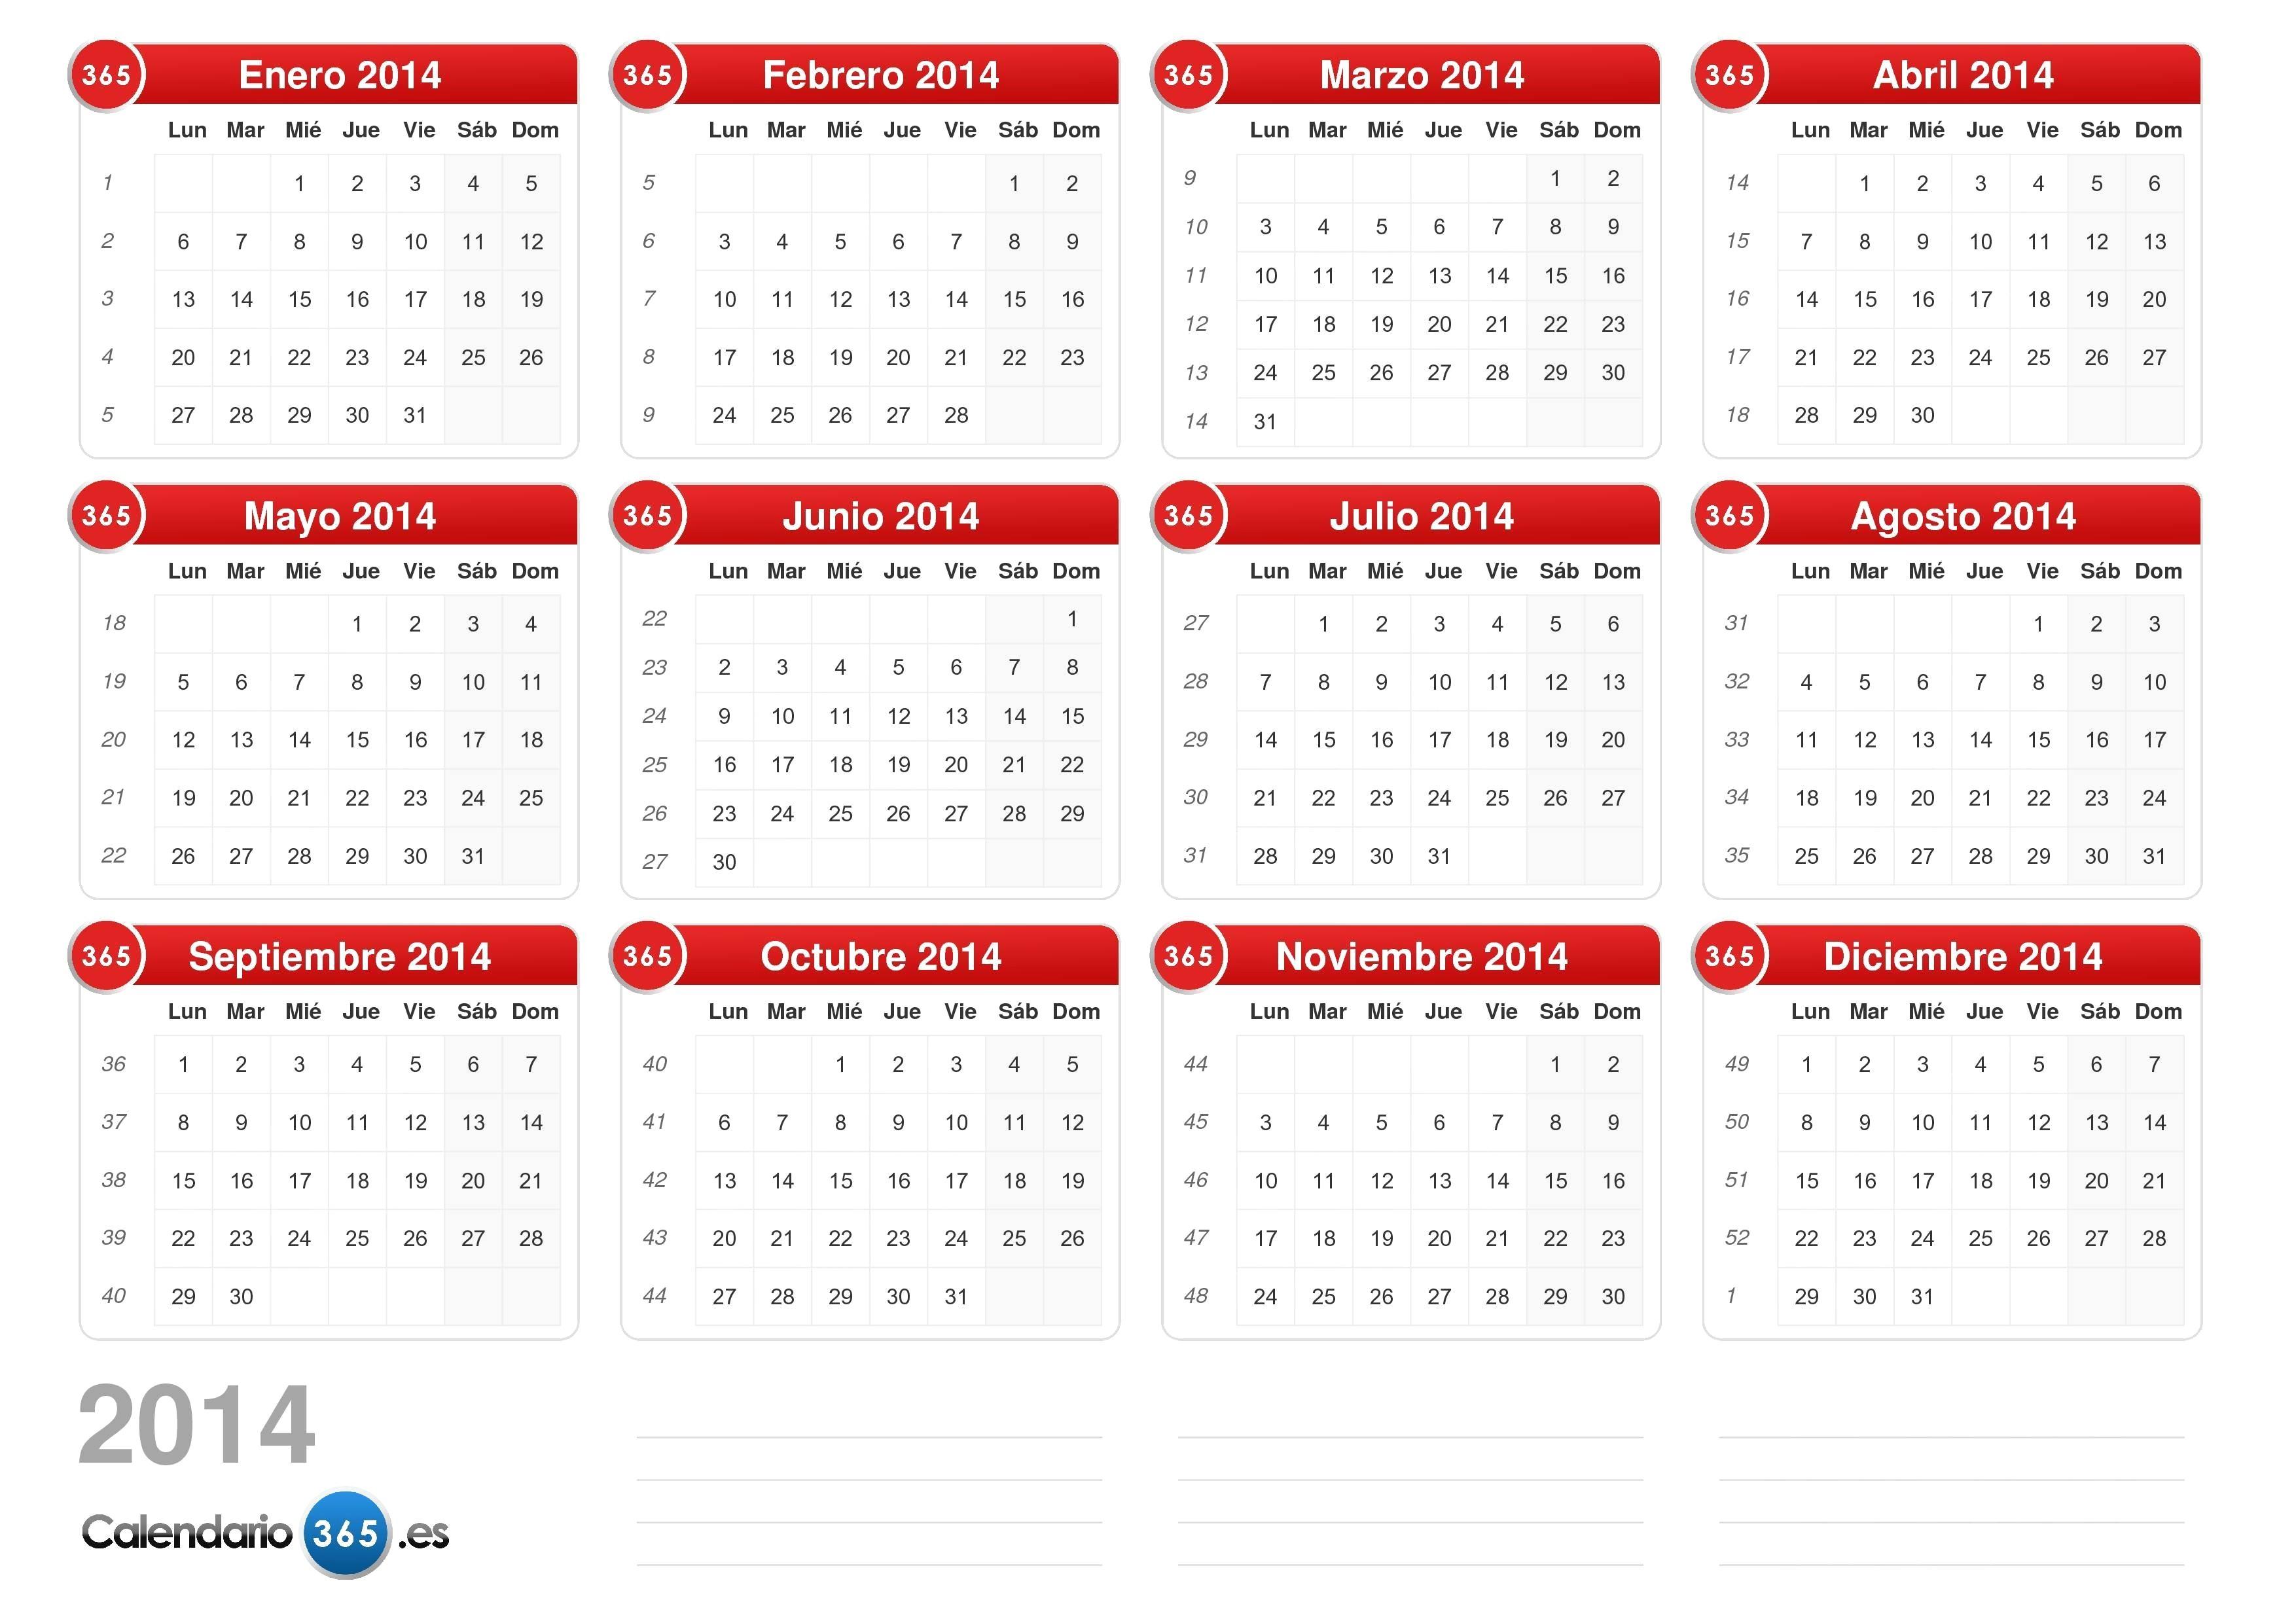 Calendario 2020 Argentina Con Feriados Más Recientemente Liberado Calendario Junio 2014 Of Calendario 2020 Argentina Con Feriados Más Recientes Sudeban Bancos Deben Trabajar Lunes Martes Y Miércoles De